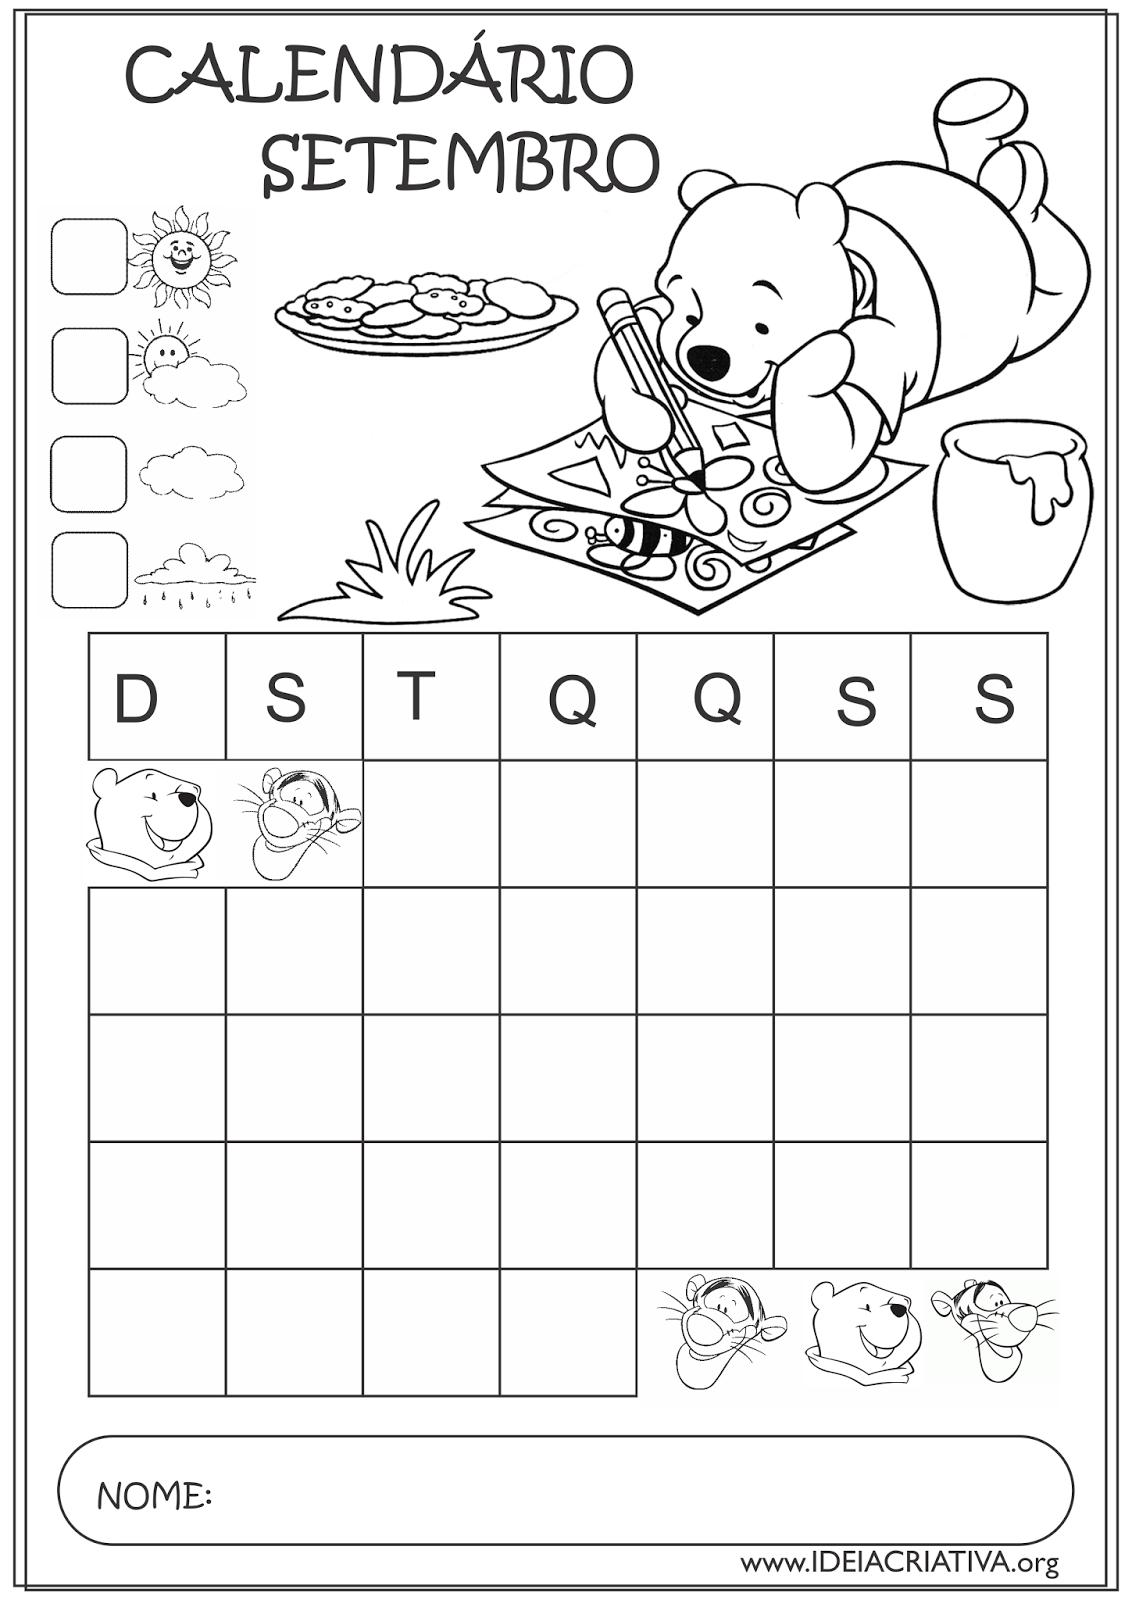 Calendários Setembro 2015 Turma do Ursinho Pooh Educação Infantil